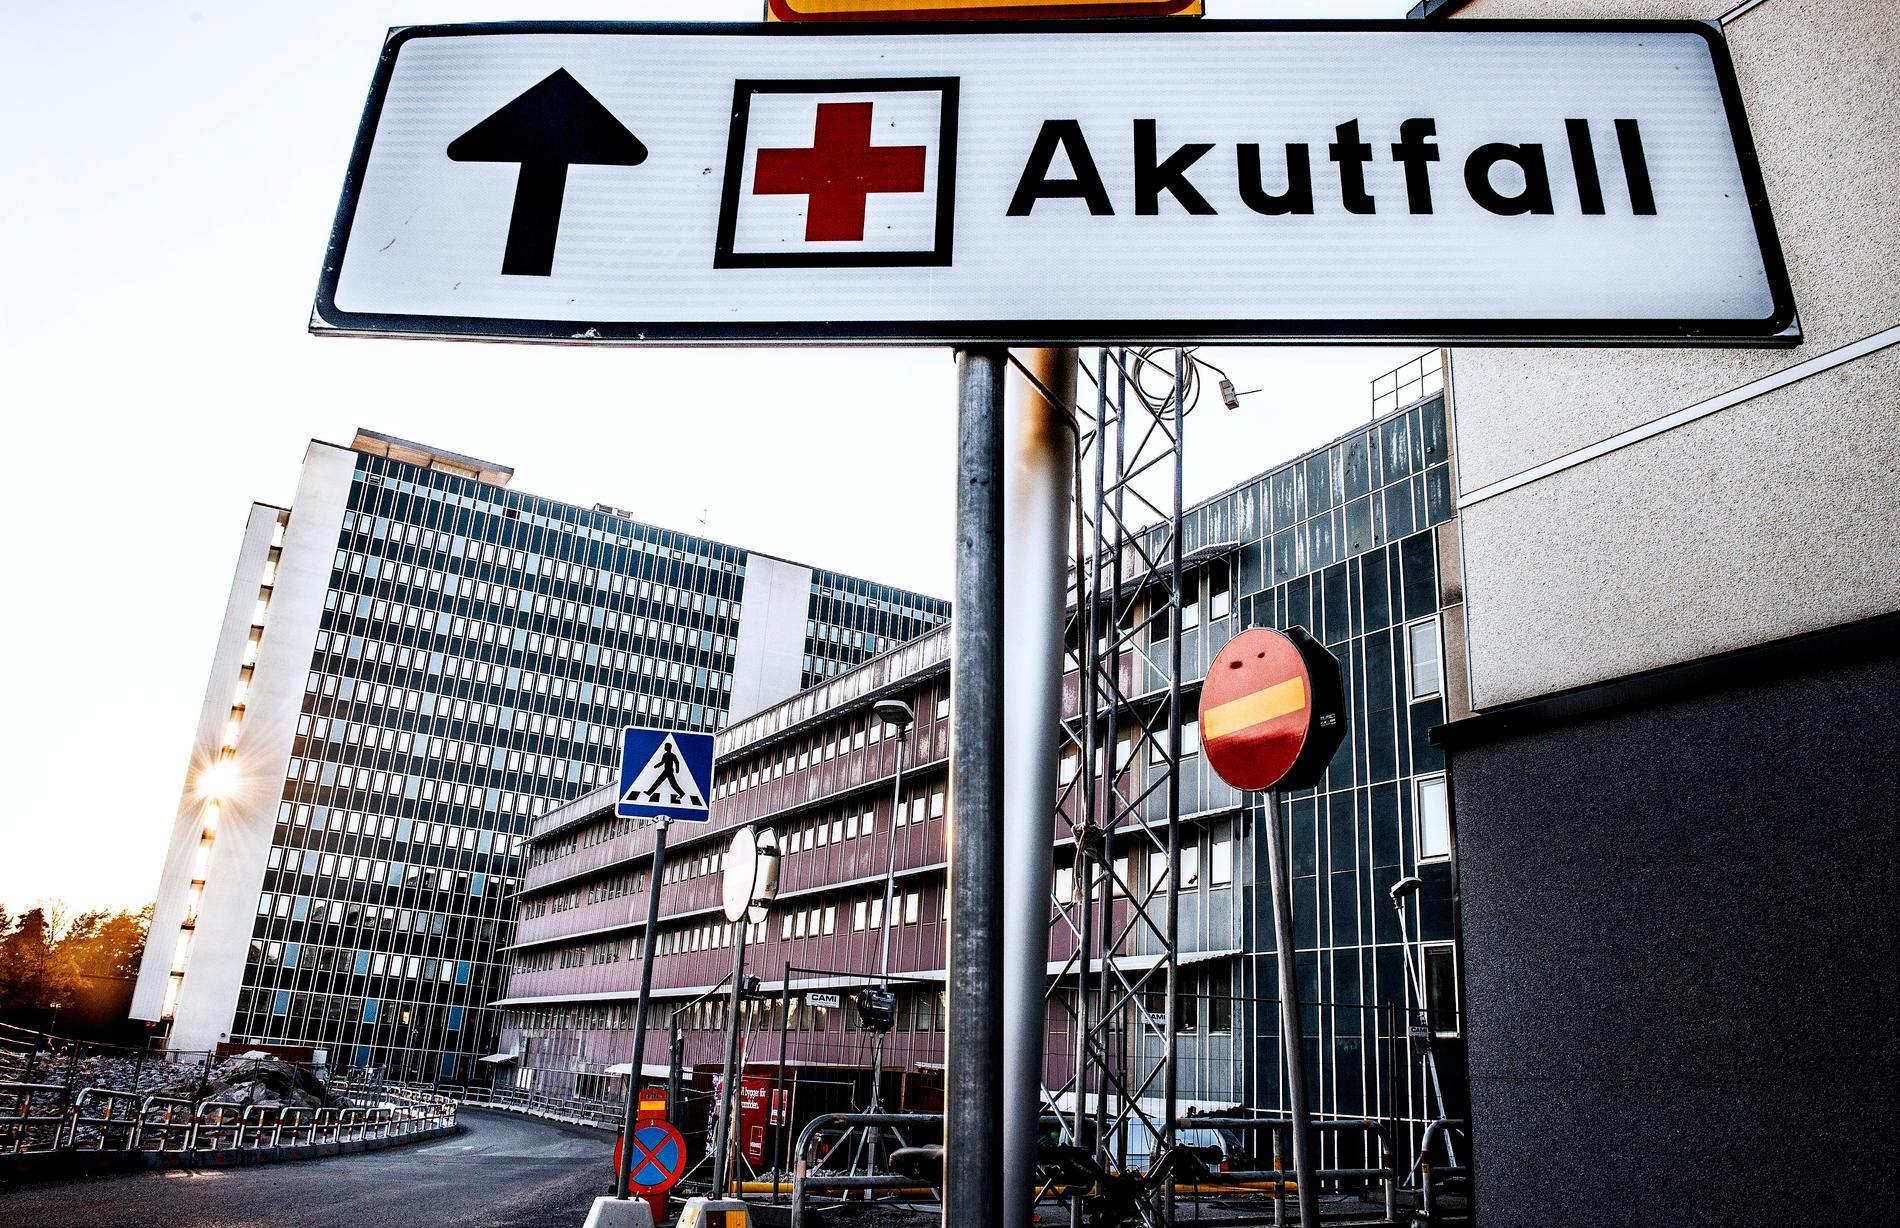 Danderyds sjukhus lex Maria-anmäler en händelse då en akutpatient dog. Arkivbild